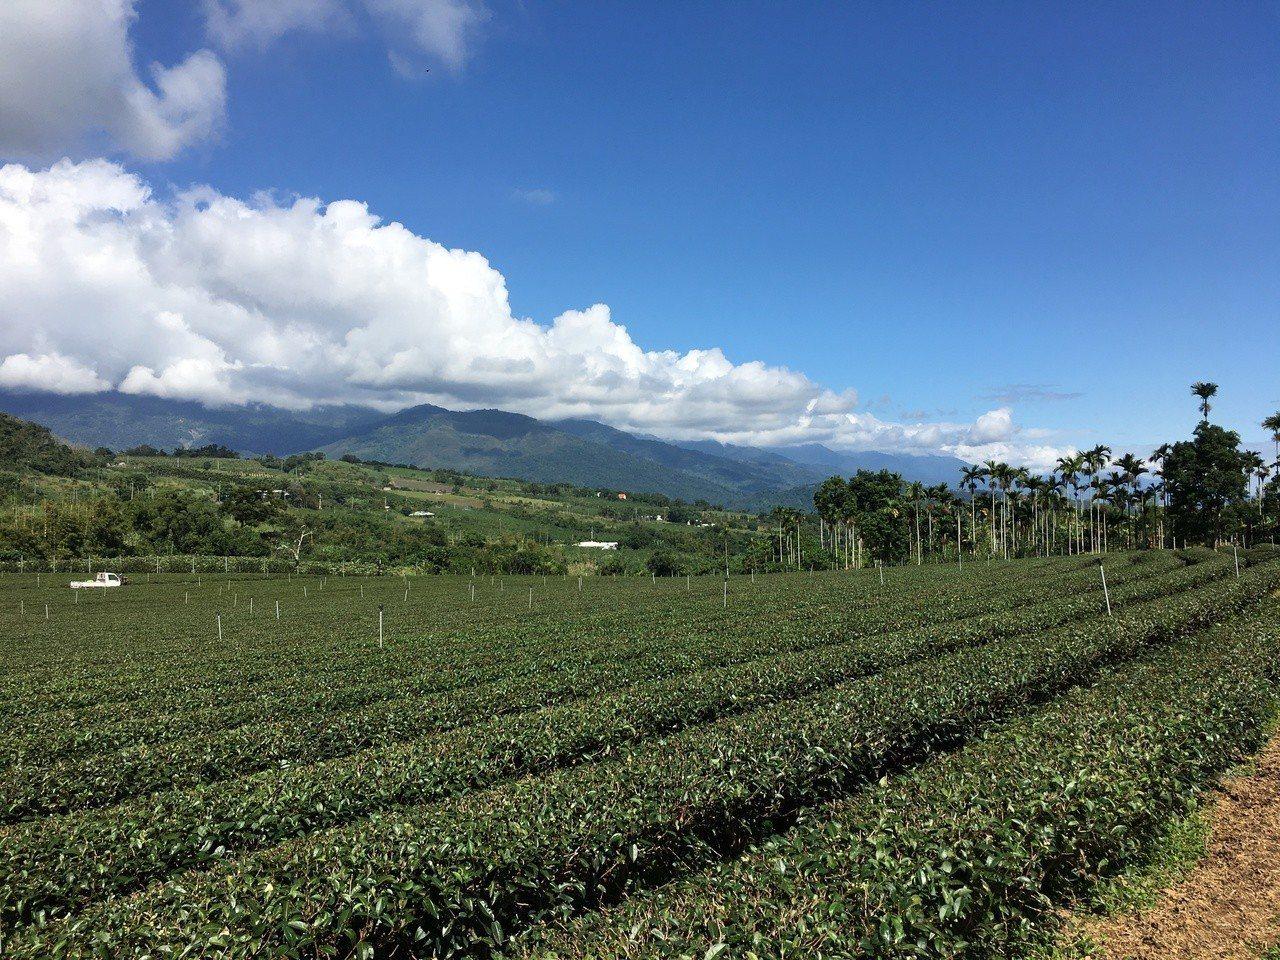 花東縱谷上的有機茶園,風景秀麗,可遠眺瑞穗;遊客可下茶園採茶、煮茶,更有日本旅客...